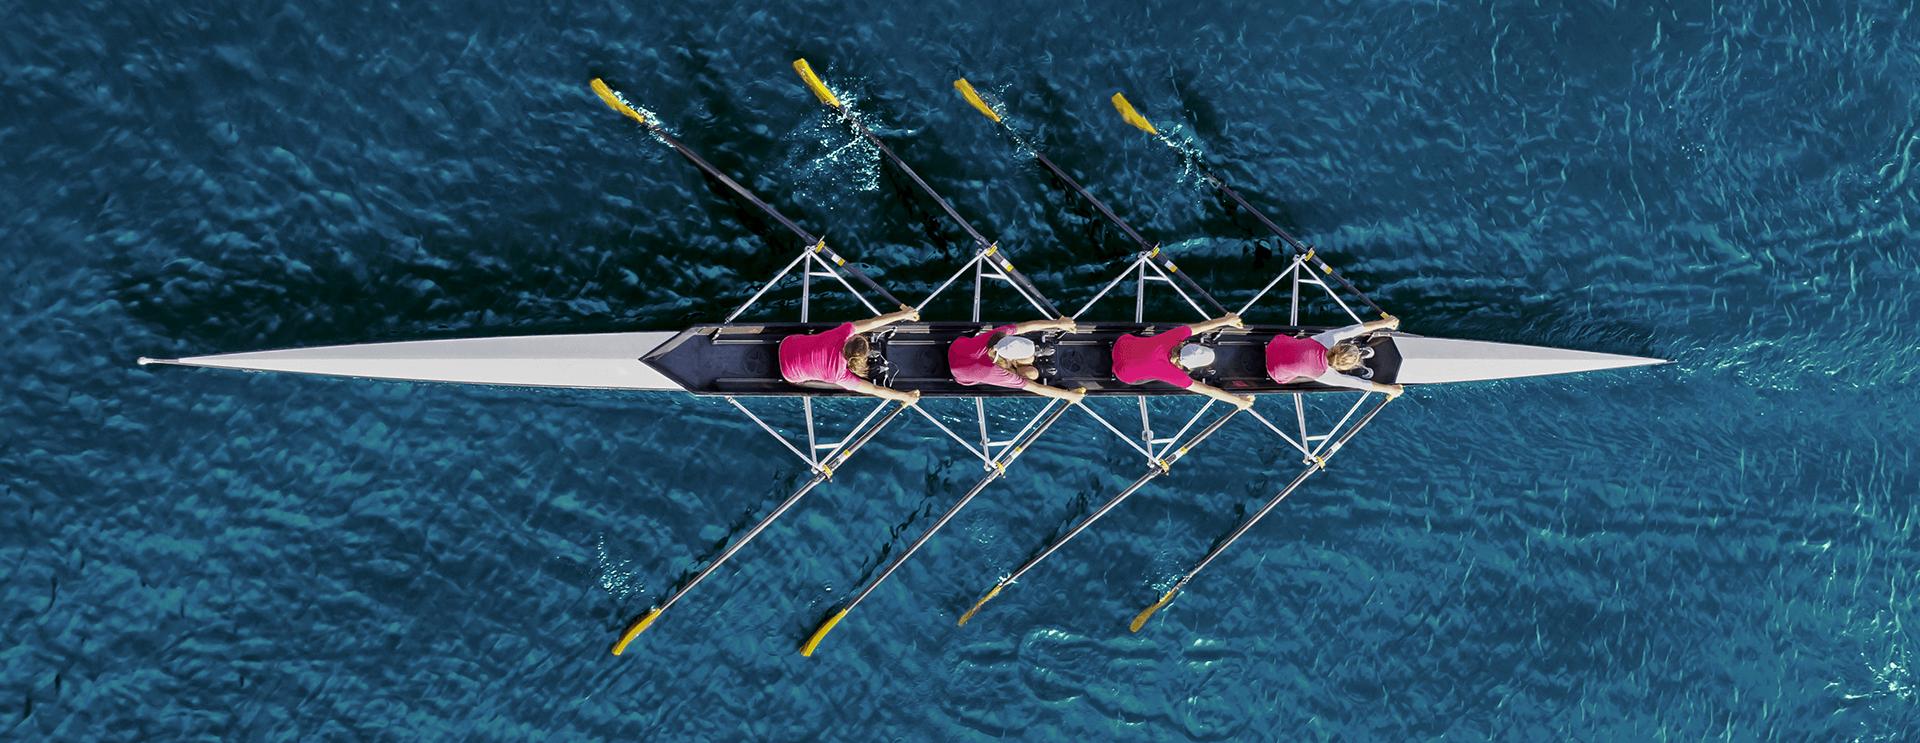 Ruderteam auf dem Wasser